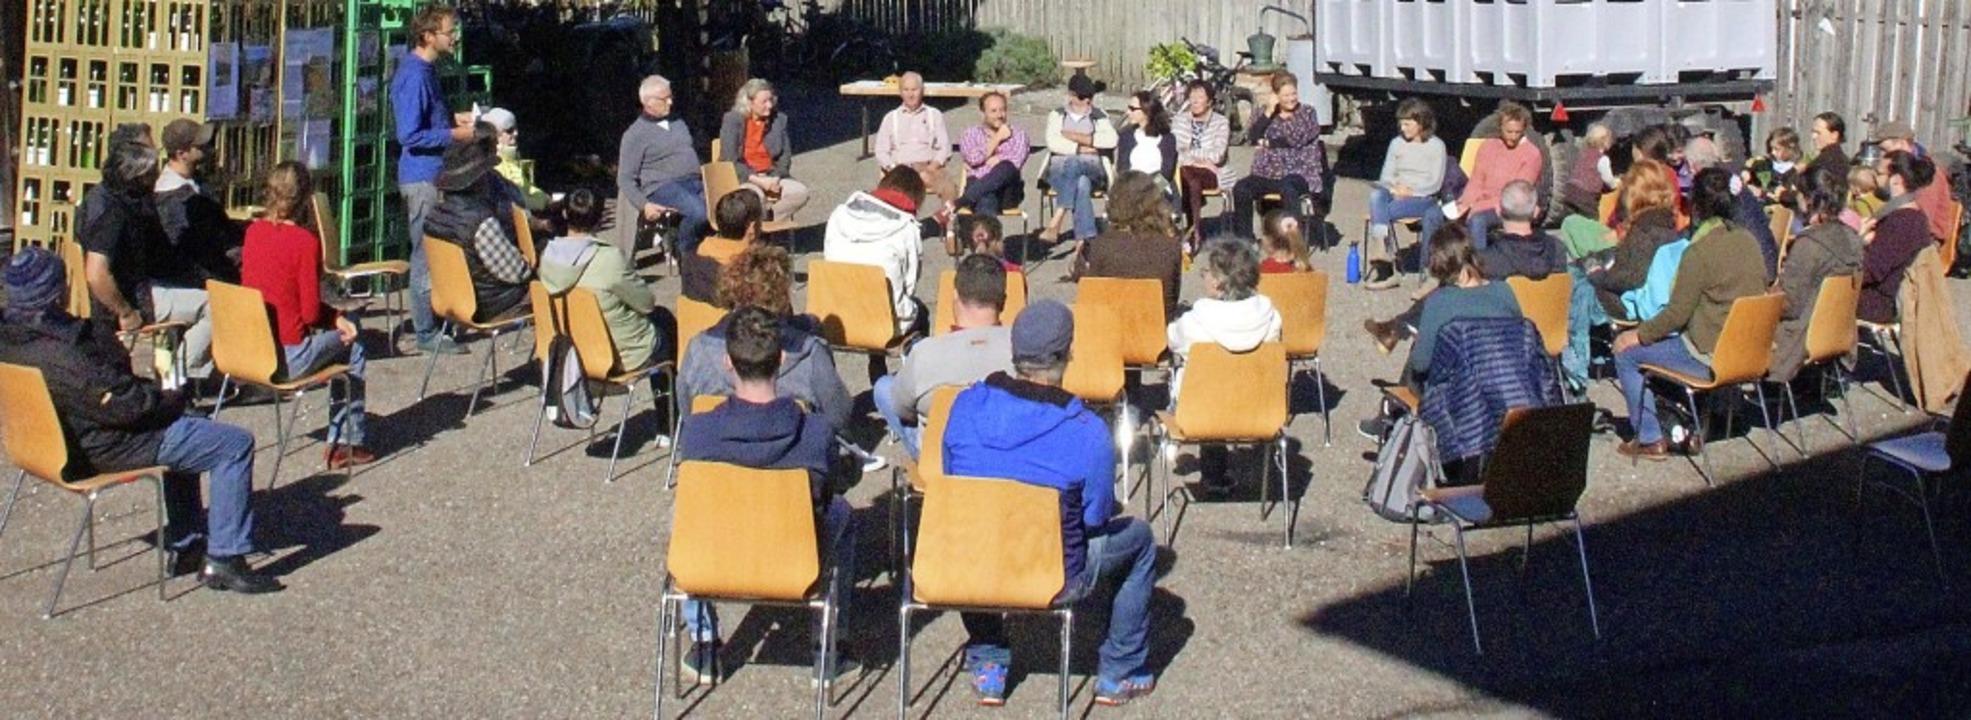 Am ersten Informationstreffen zur Soli...tschaft nahmen 50 Interessenten teil.   | Foto: Erika Sieberts